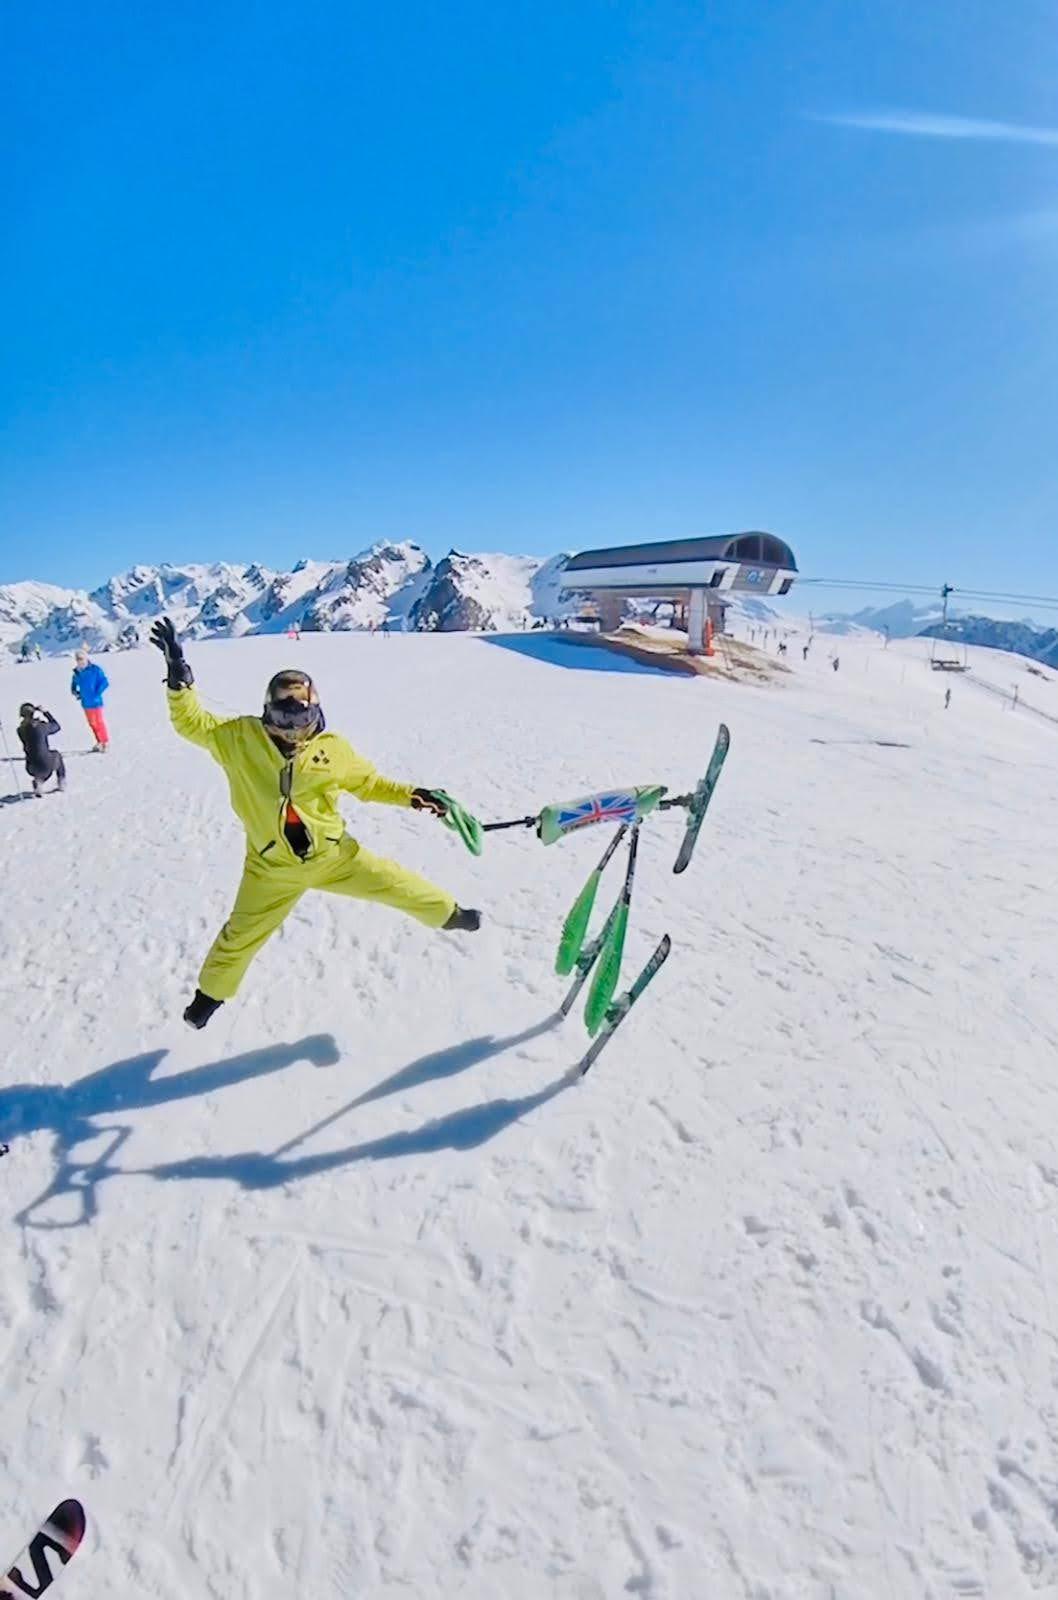 Zapraszamy na Rozpoczęcie sezonu zimowego na SKKI TRIKKE – lodowiec HINTERTUX 2020